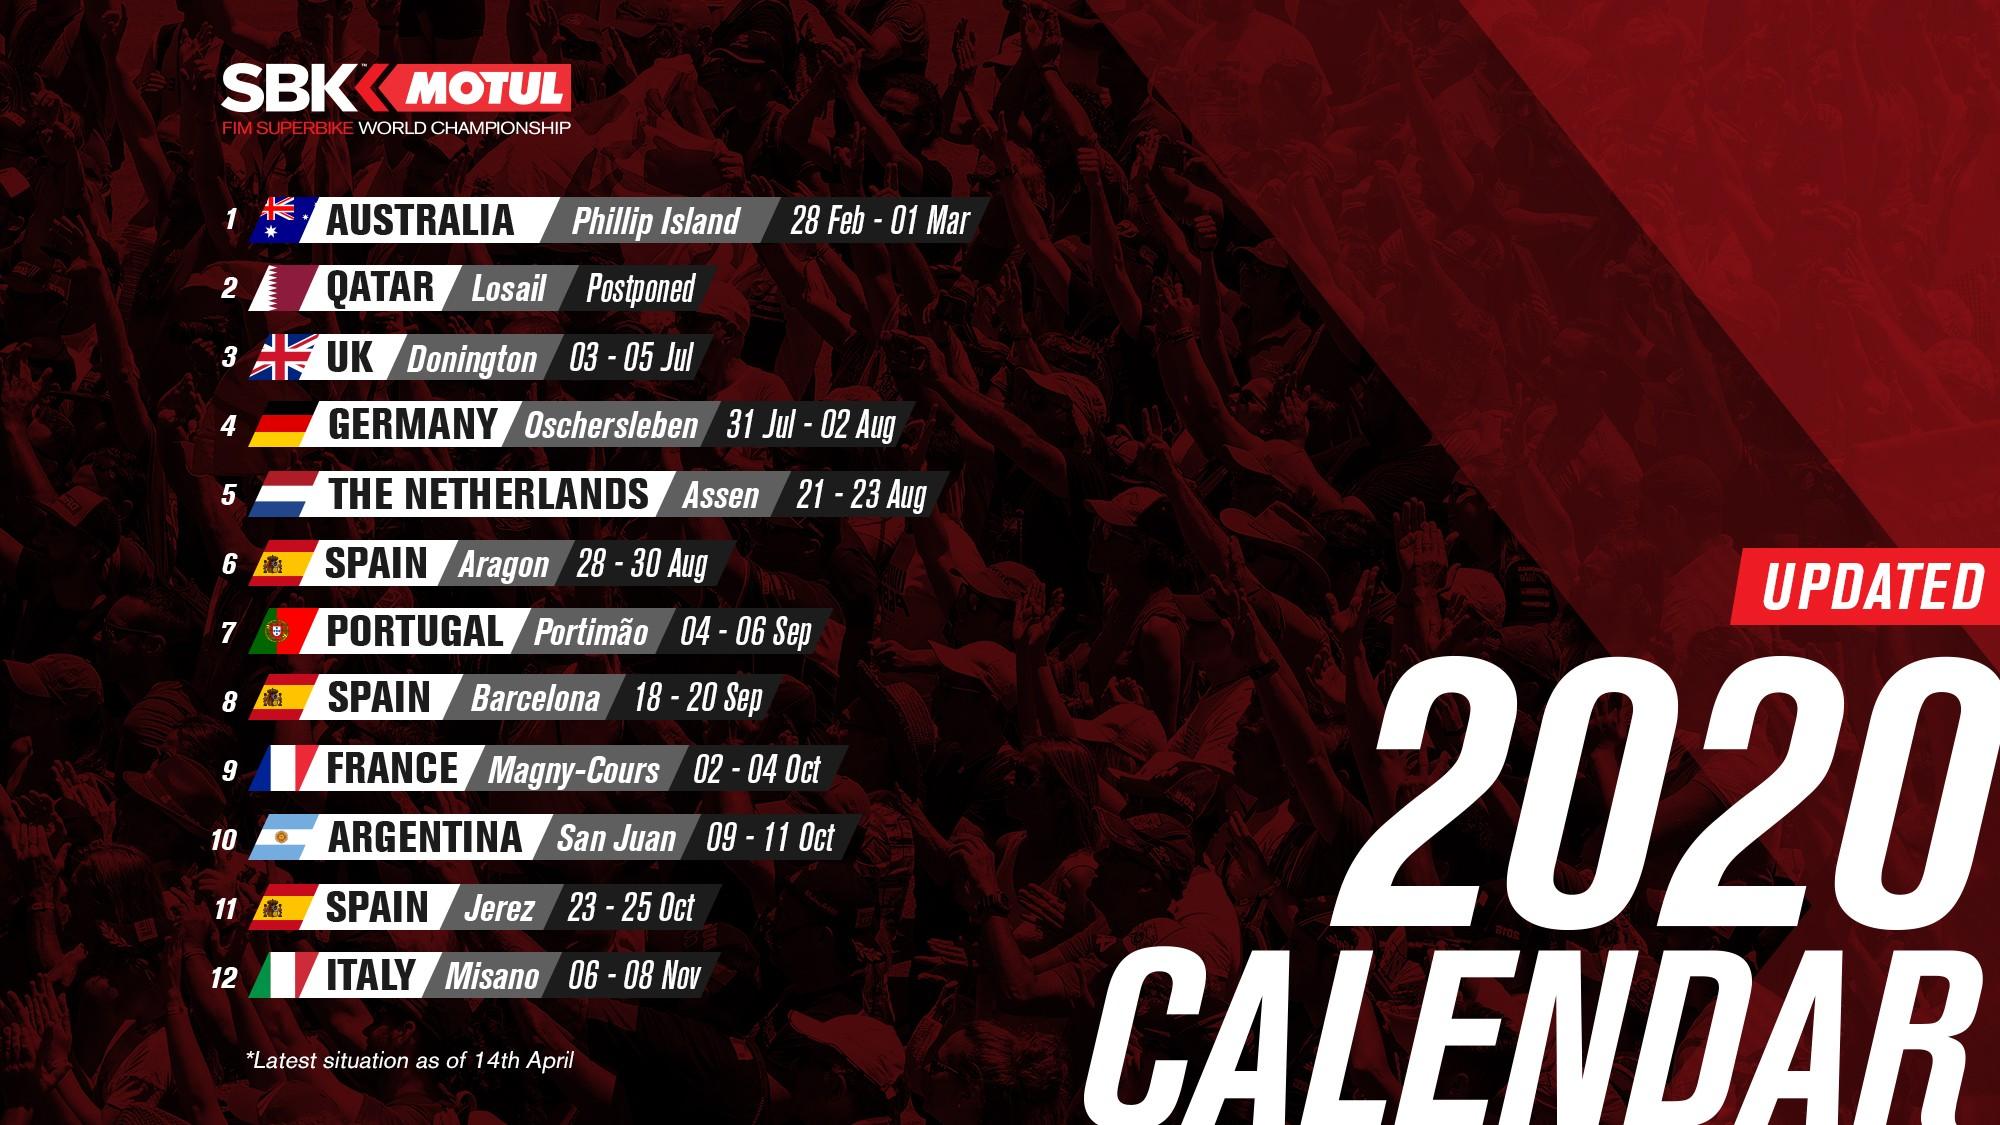 Calendrier Sbk 2021 Magny Cours reporté, Imola annulé…. Nouveau calendrier en SBK – GP